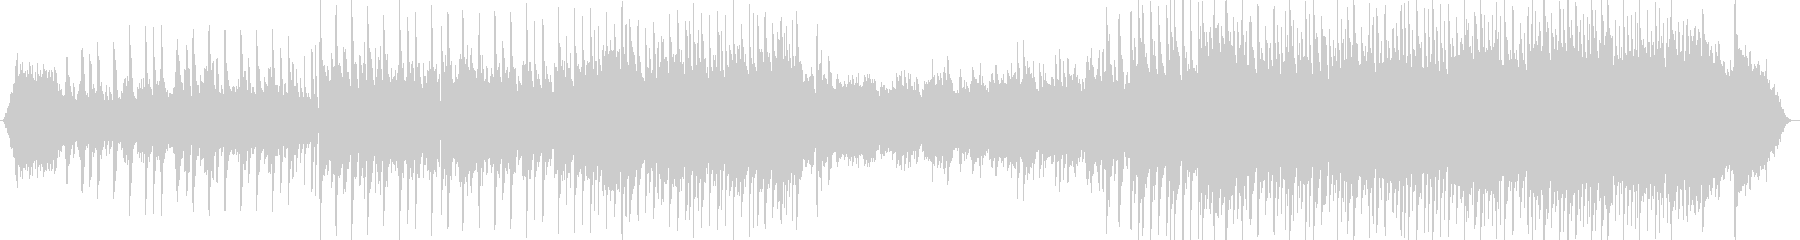 ピアノとシンセが織りなすバラードの未再生の波形